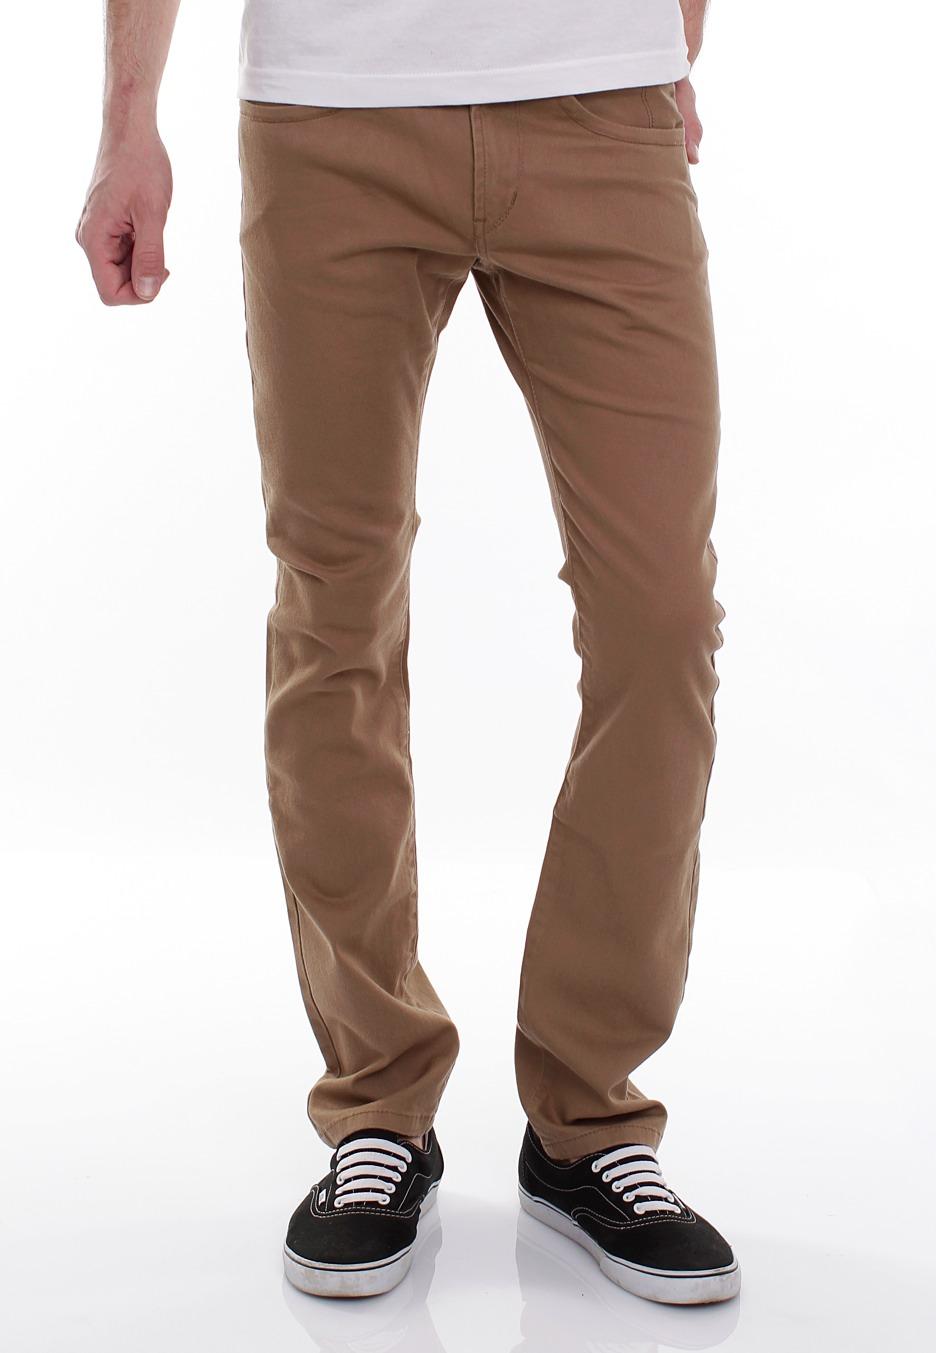 Beige Jeans reell - rocket beige - jeans - impericon.com us FHWIJKN